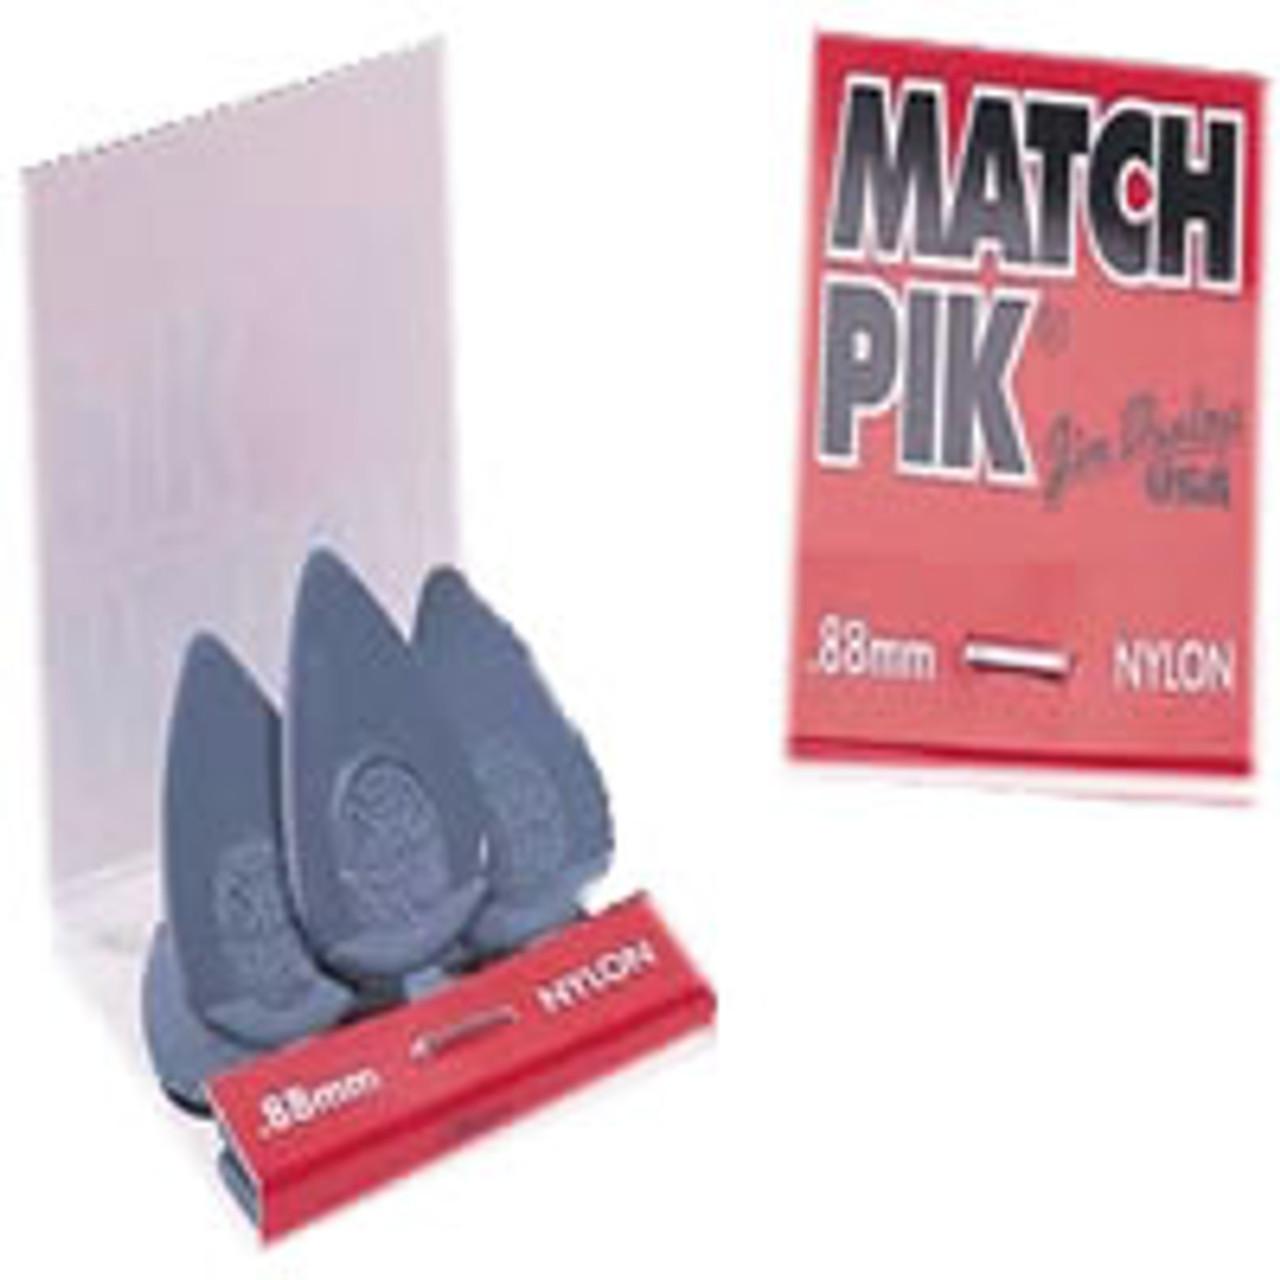 Dunlop Match Pik 6 Nylon Plectrums